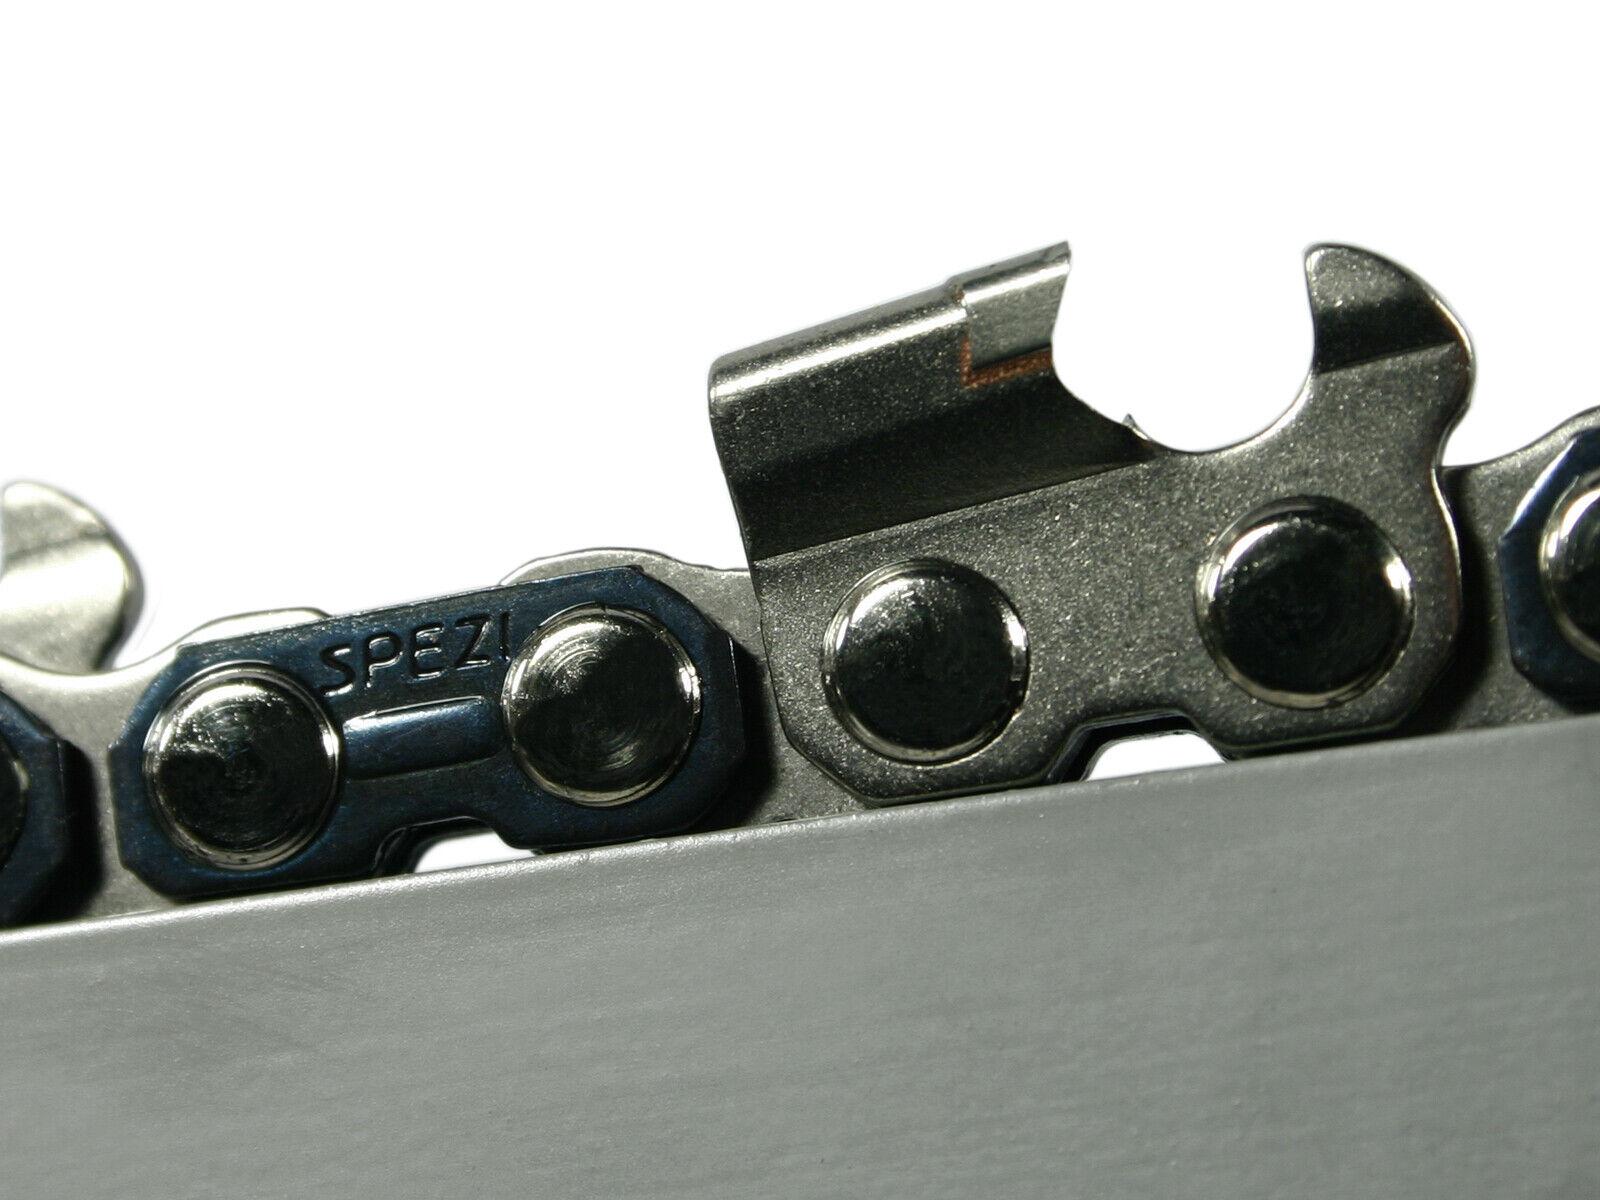 Hartmetall Sägekette passend für Husqvarna 44 55 cm 3 8  76 TG 1,5 mm carbide